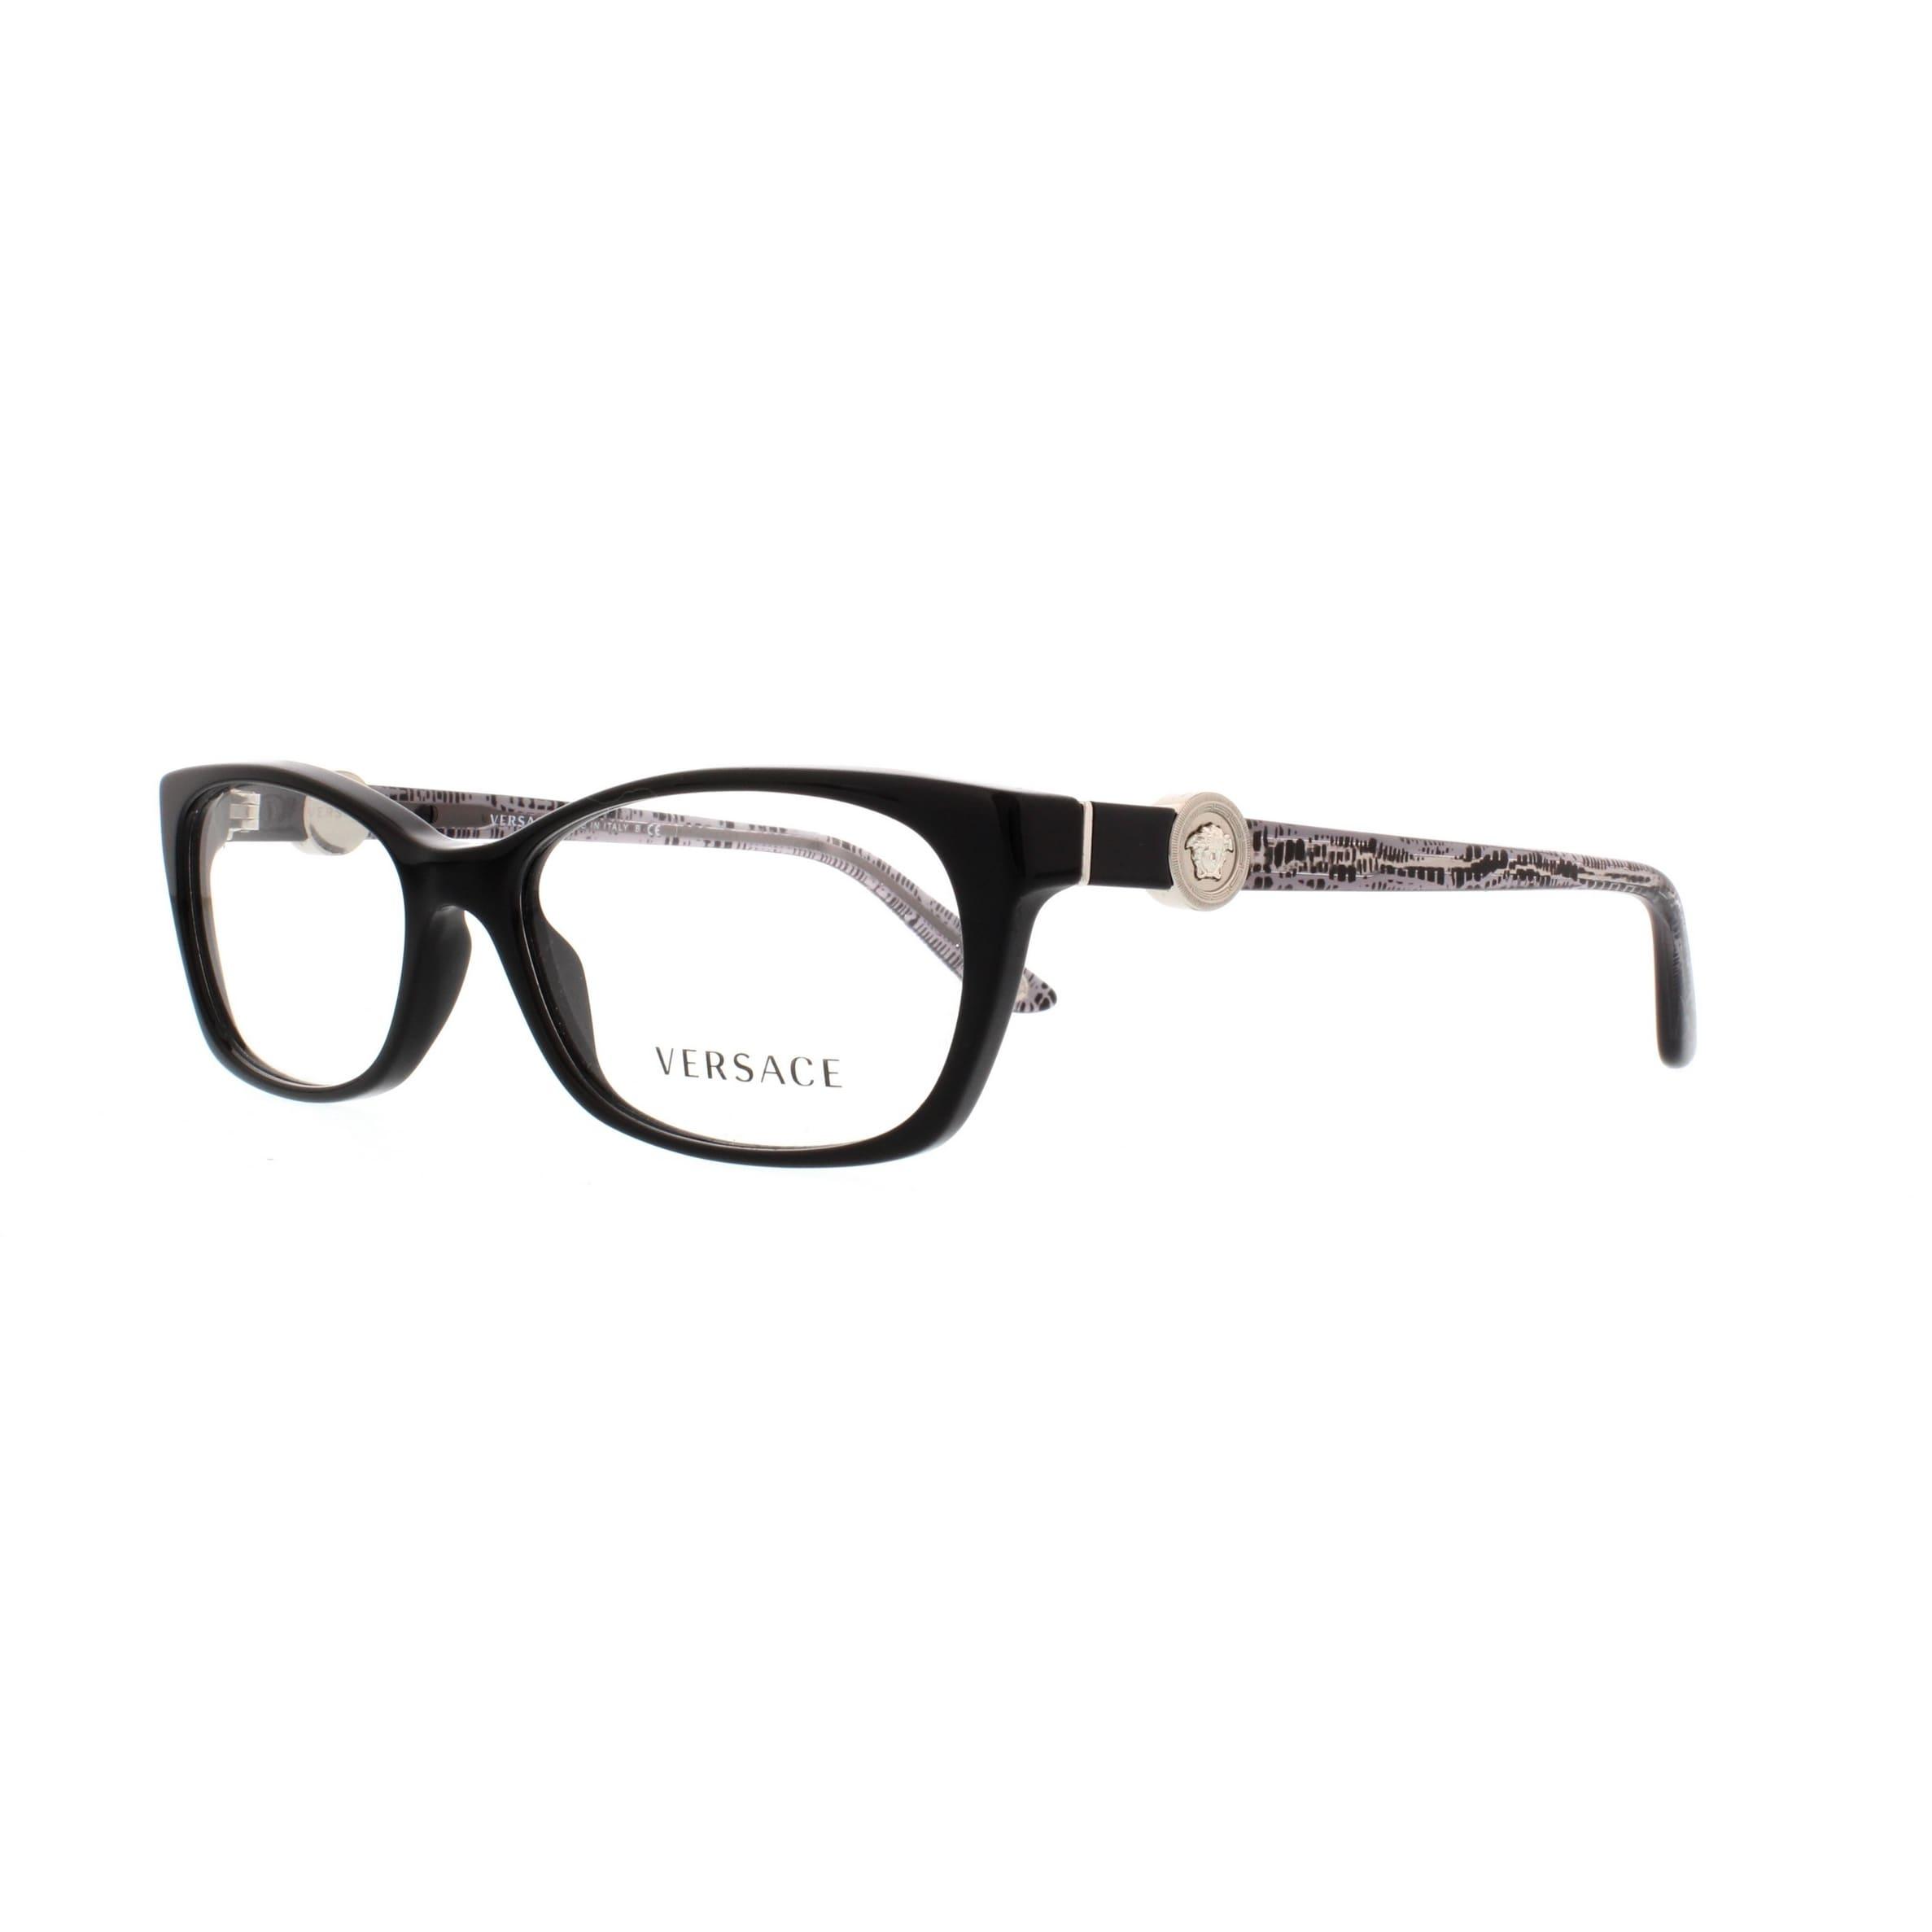 Versace Women's VE3164 GB1 53 Cateye Plastic Black Clear ...